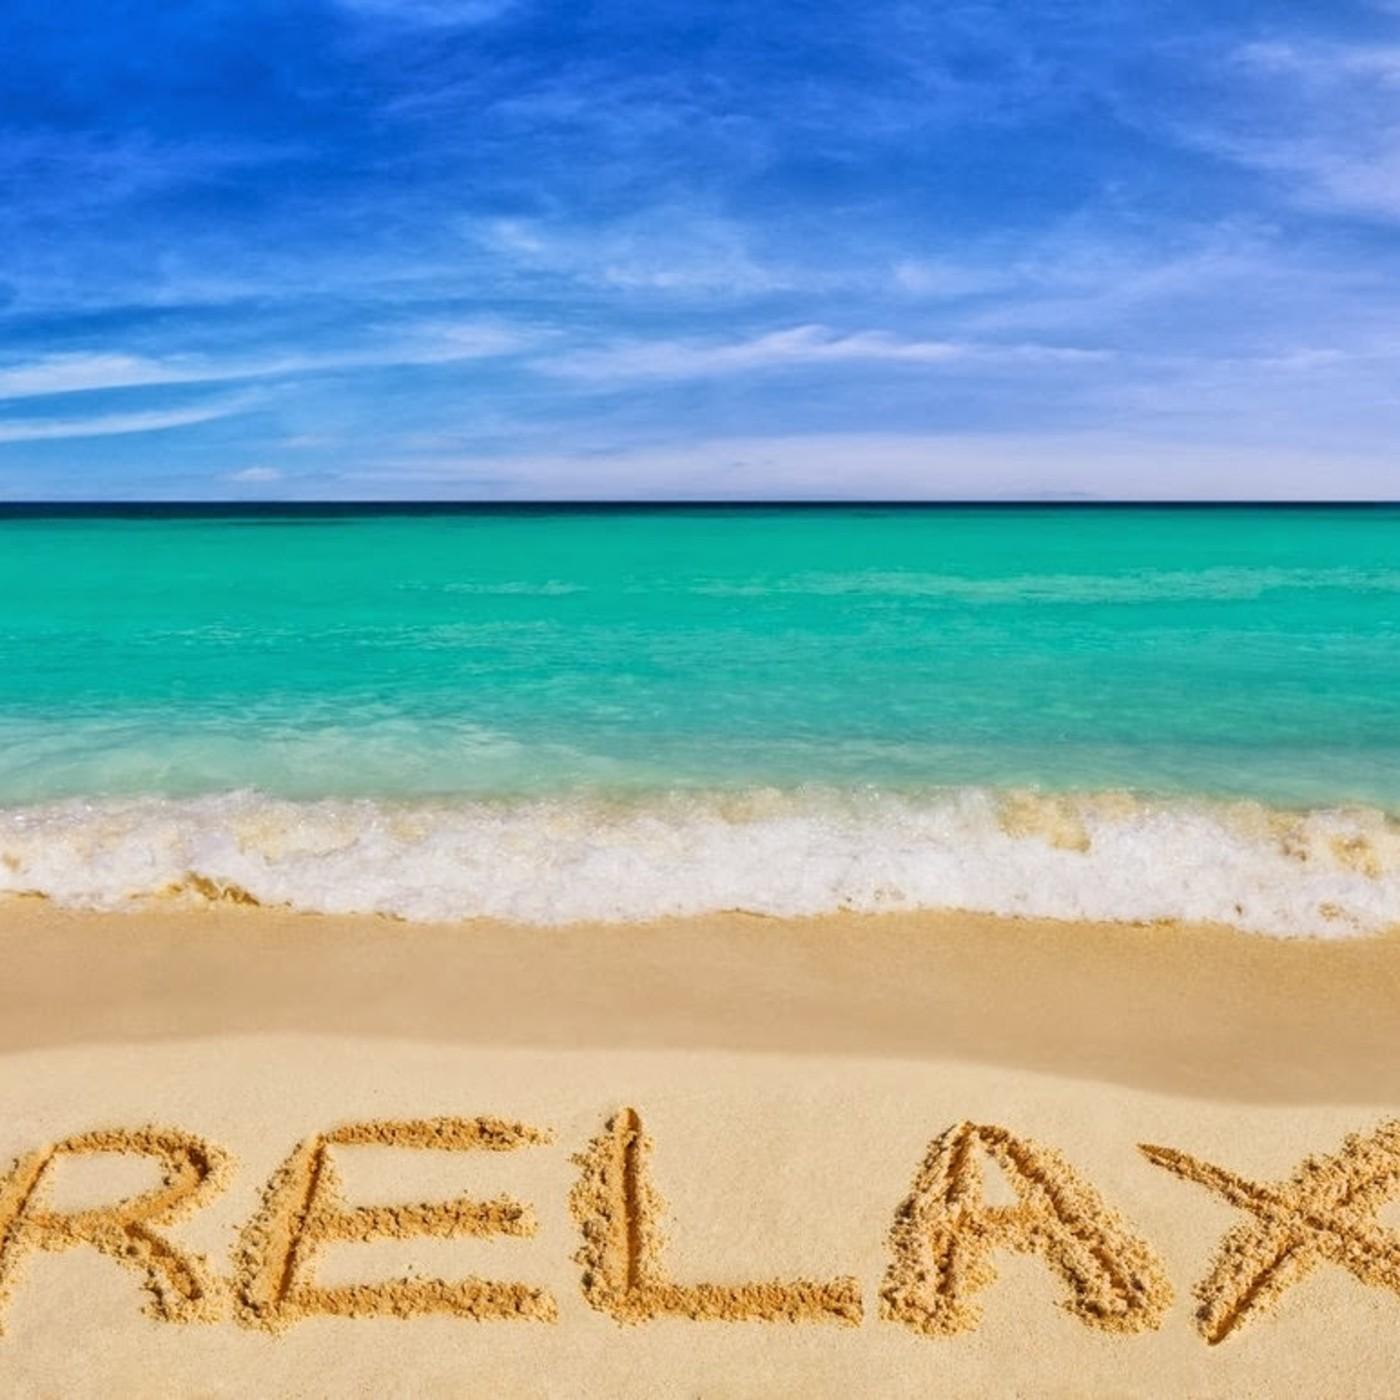 Sonidos Naturaleza - Playa, Olas, Mar Para Relajarse Y Dormir en Expansión  De La Conciencia en mp3(16/01 a las 21:12:48) 01:00:40 16380250 - iVoox